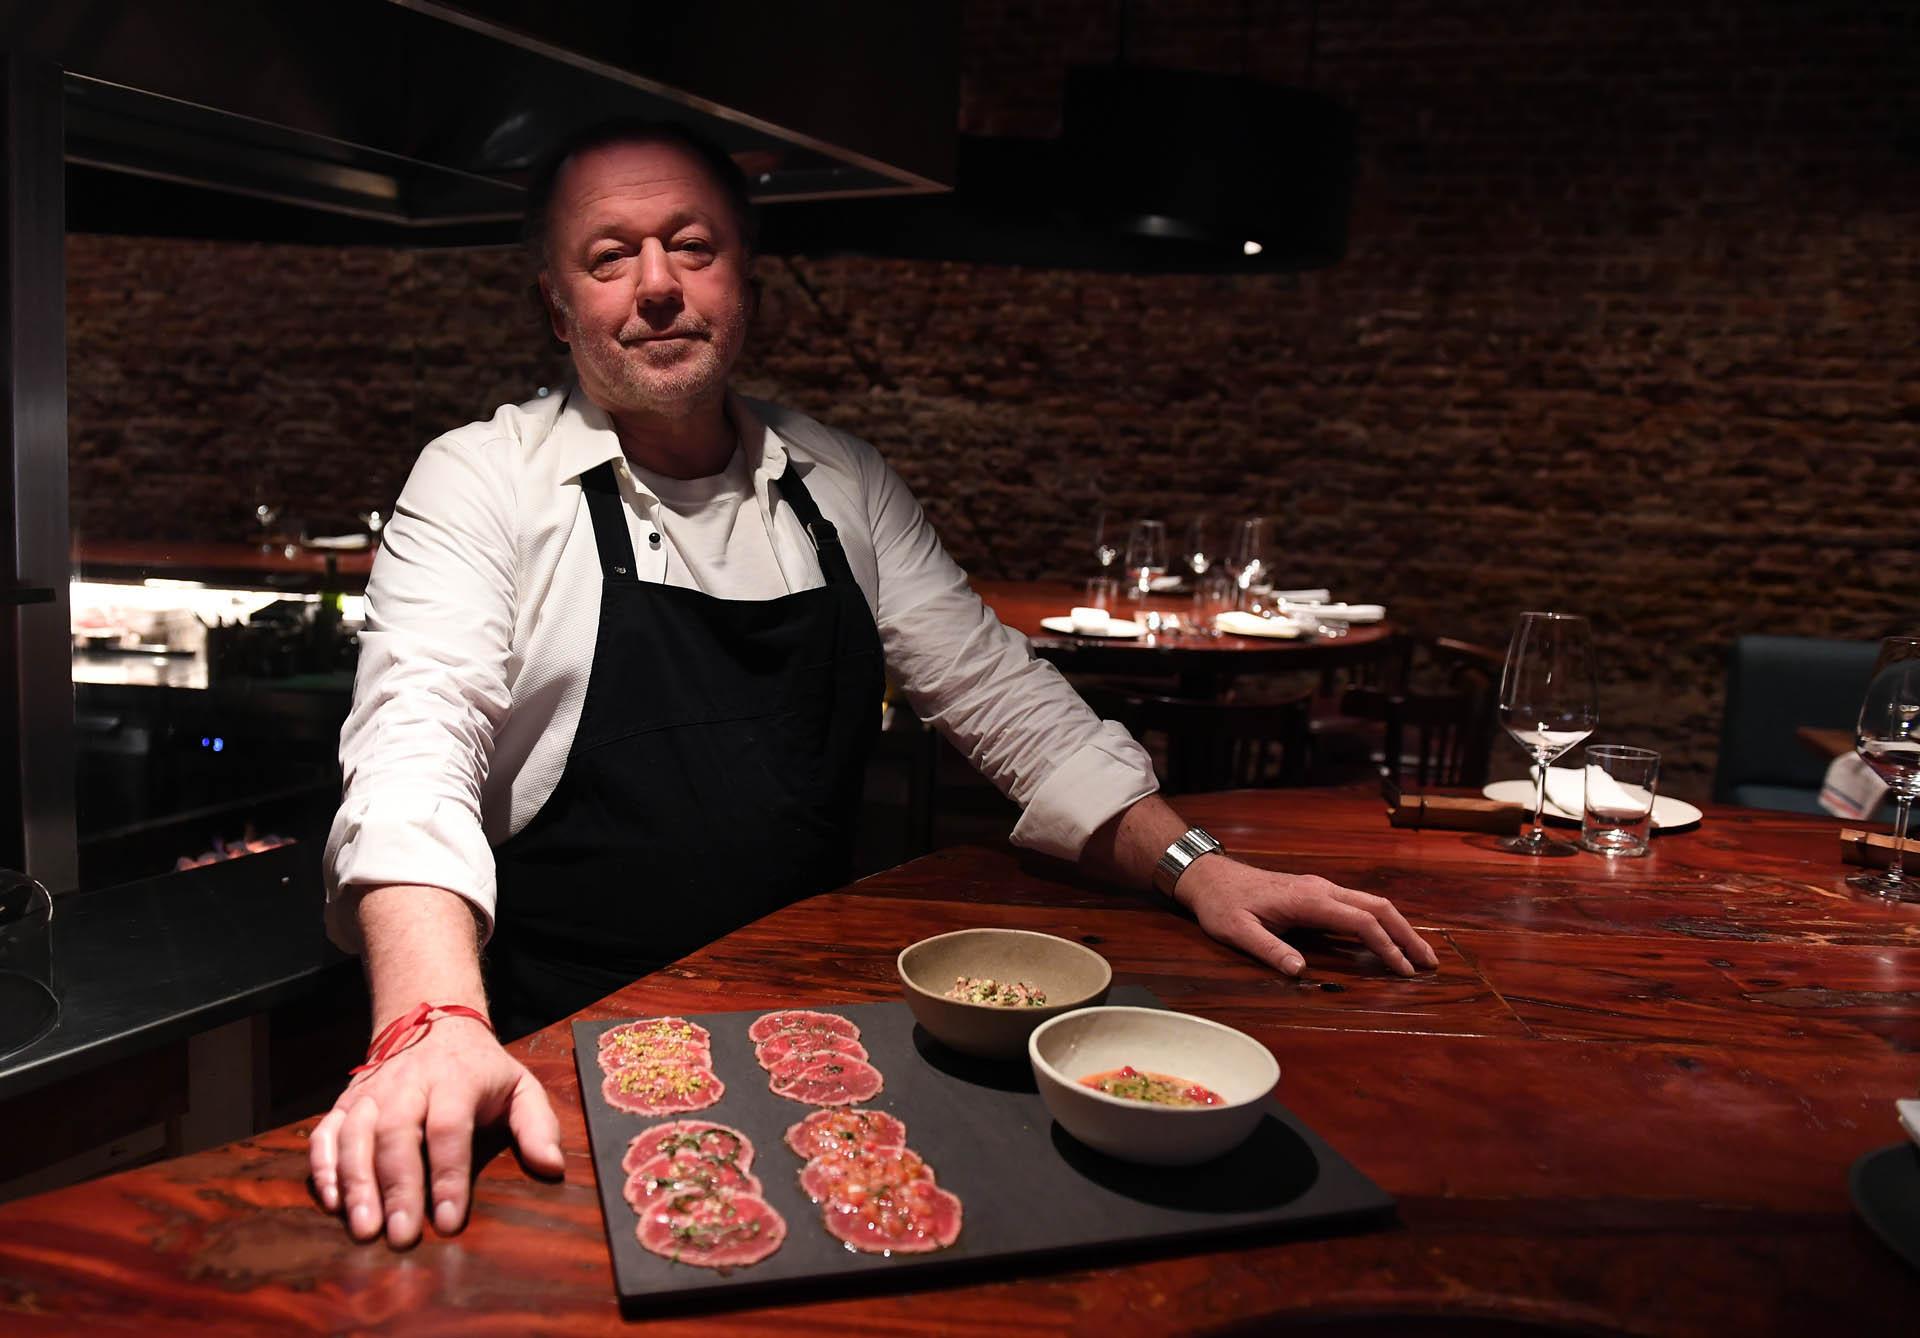 En un primer momento pensó en hacer una cocina experimental, donde pudiera investigar y experimentar con sus platos. Iba a poner mesas para 15 personas máximo y cobrar un cubierto simbólico de 200 pesos